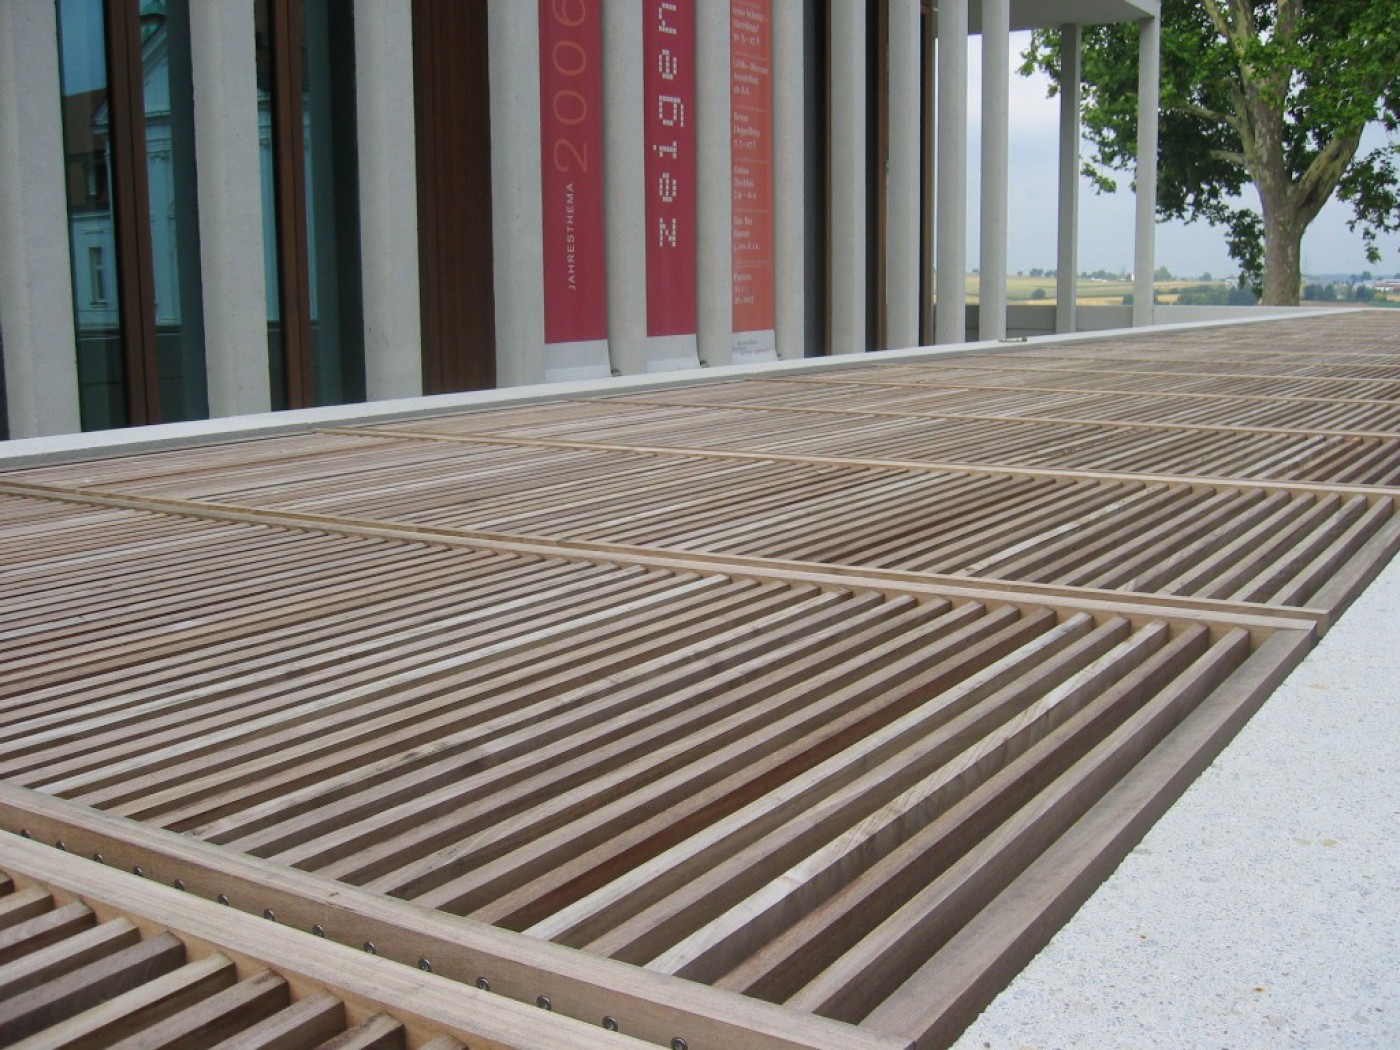 Literaturmuseum der Moderne_img_03